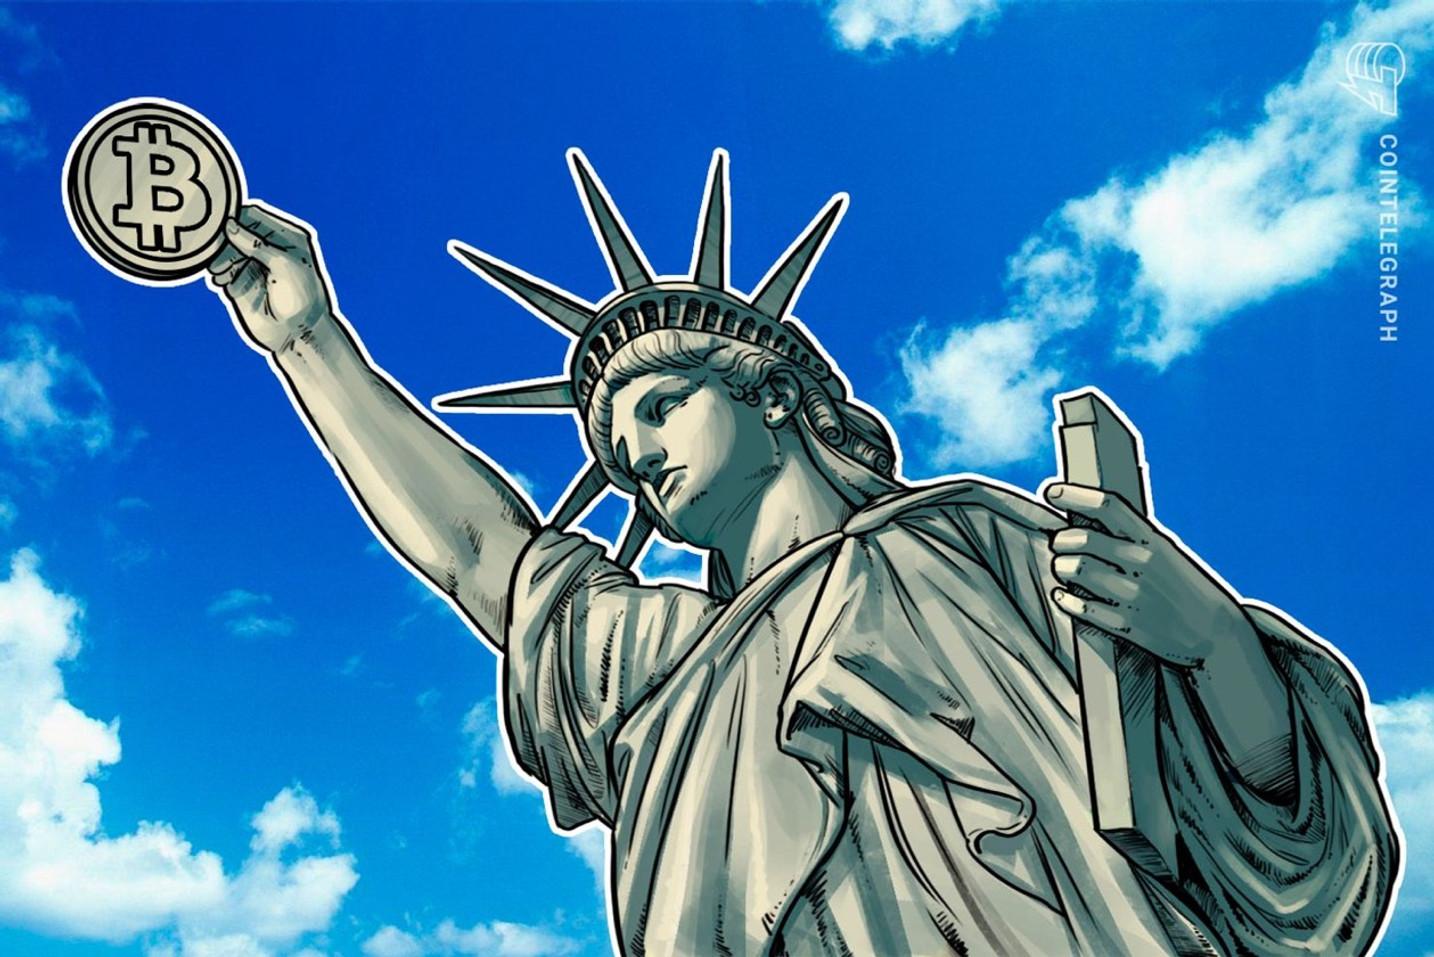 【単独】「観光客は一層された」と今年の仮想通貨相場を高評価 =米モルガン・クリーク創業者 ポンプリアーノ氏